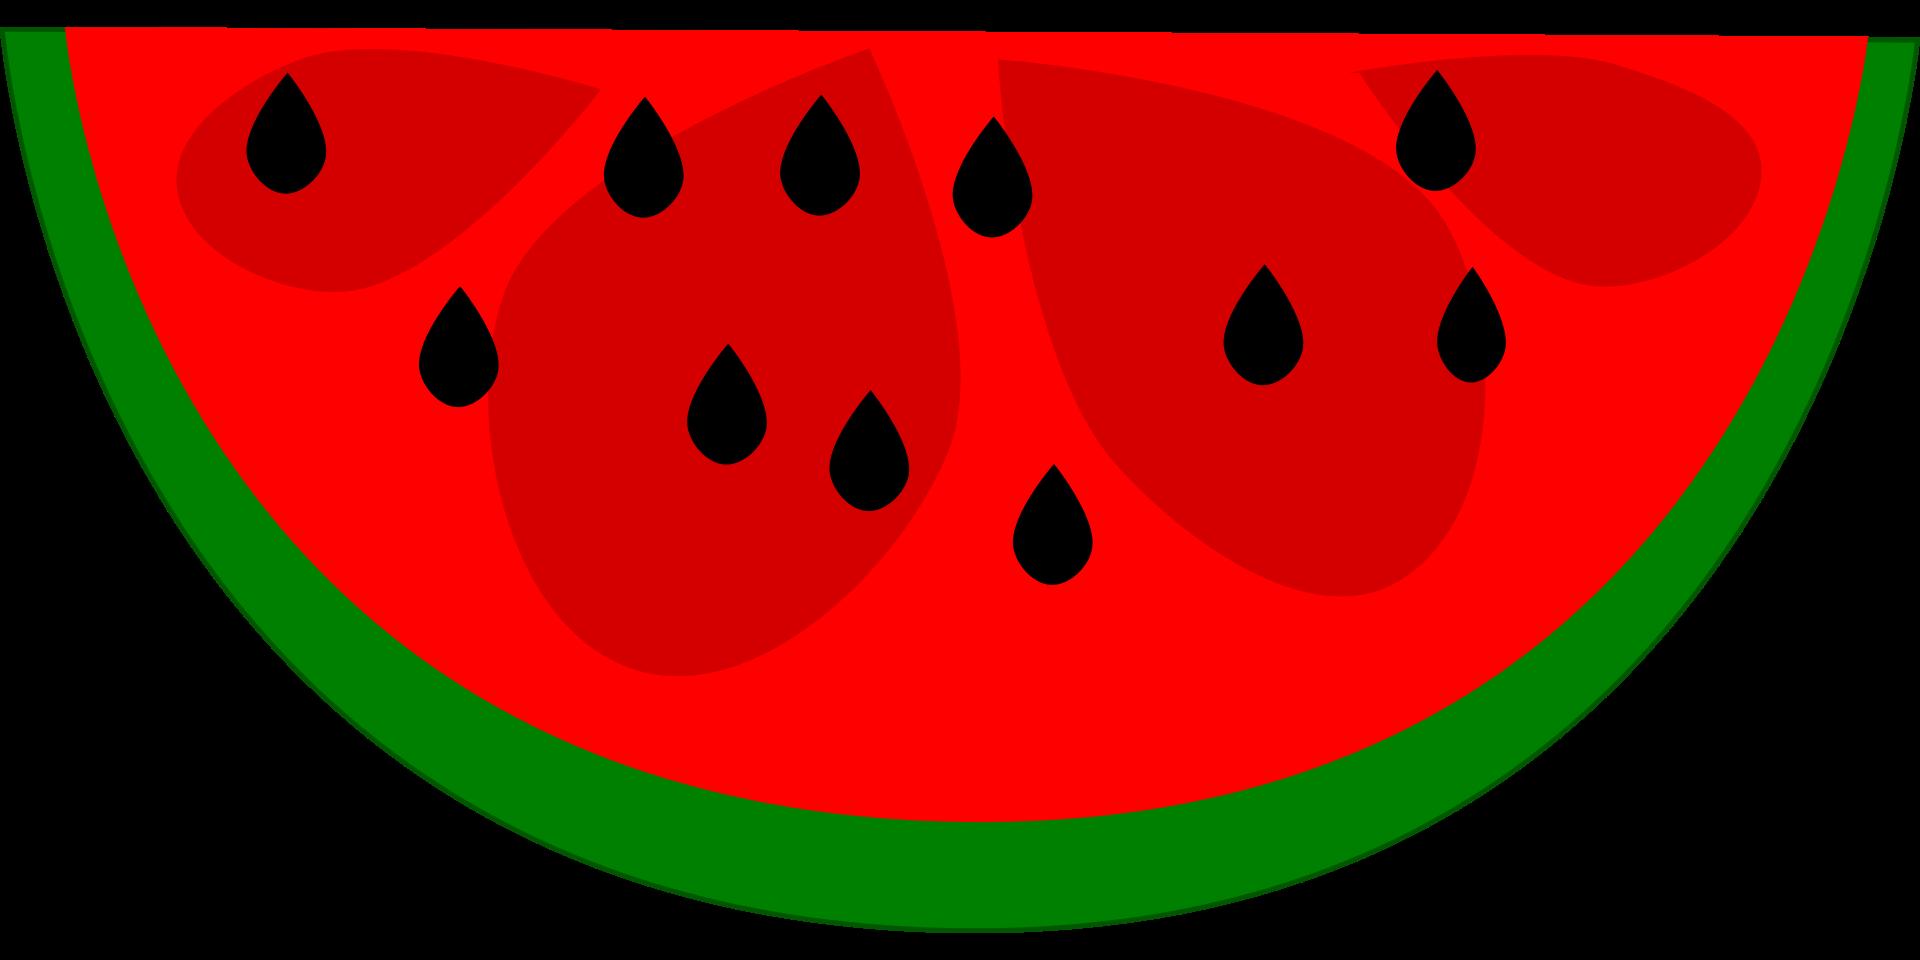 bb ace e. Watermelon clipart sandia